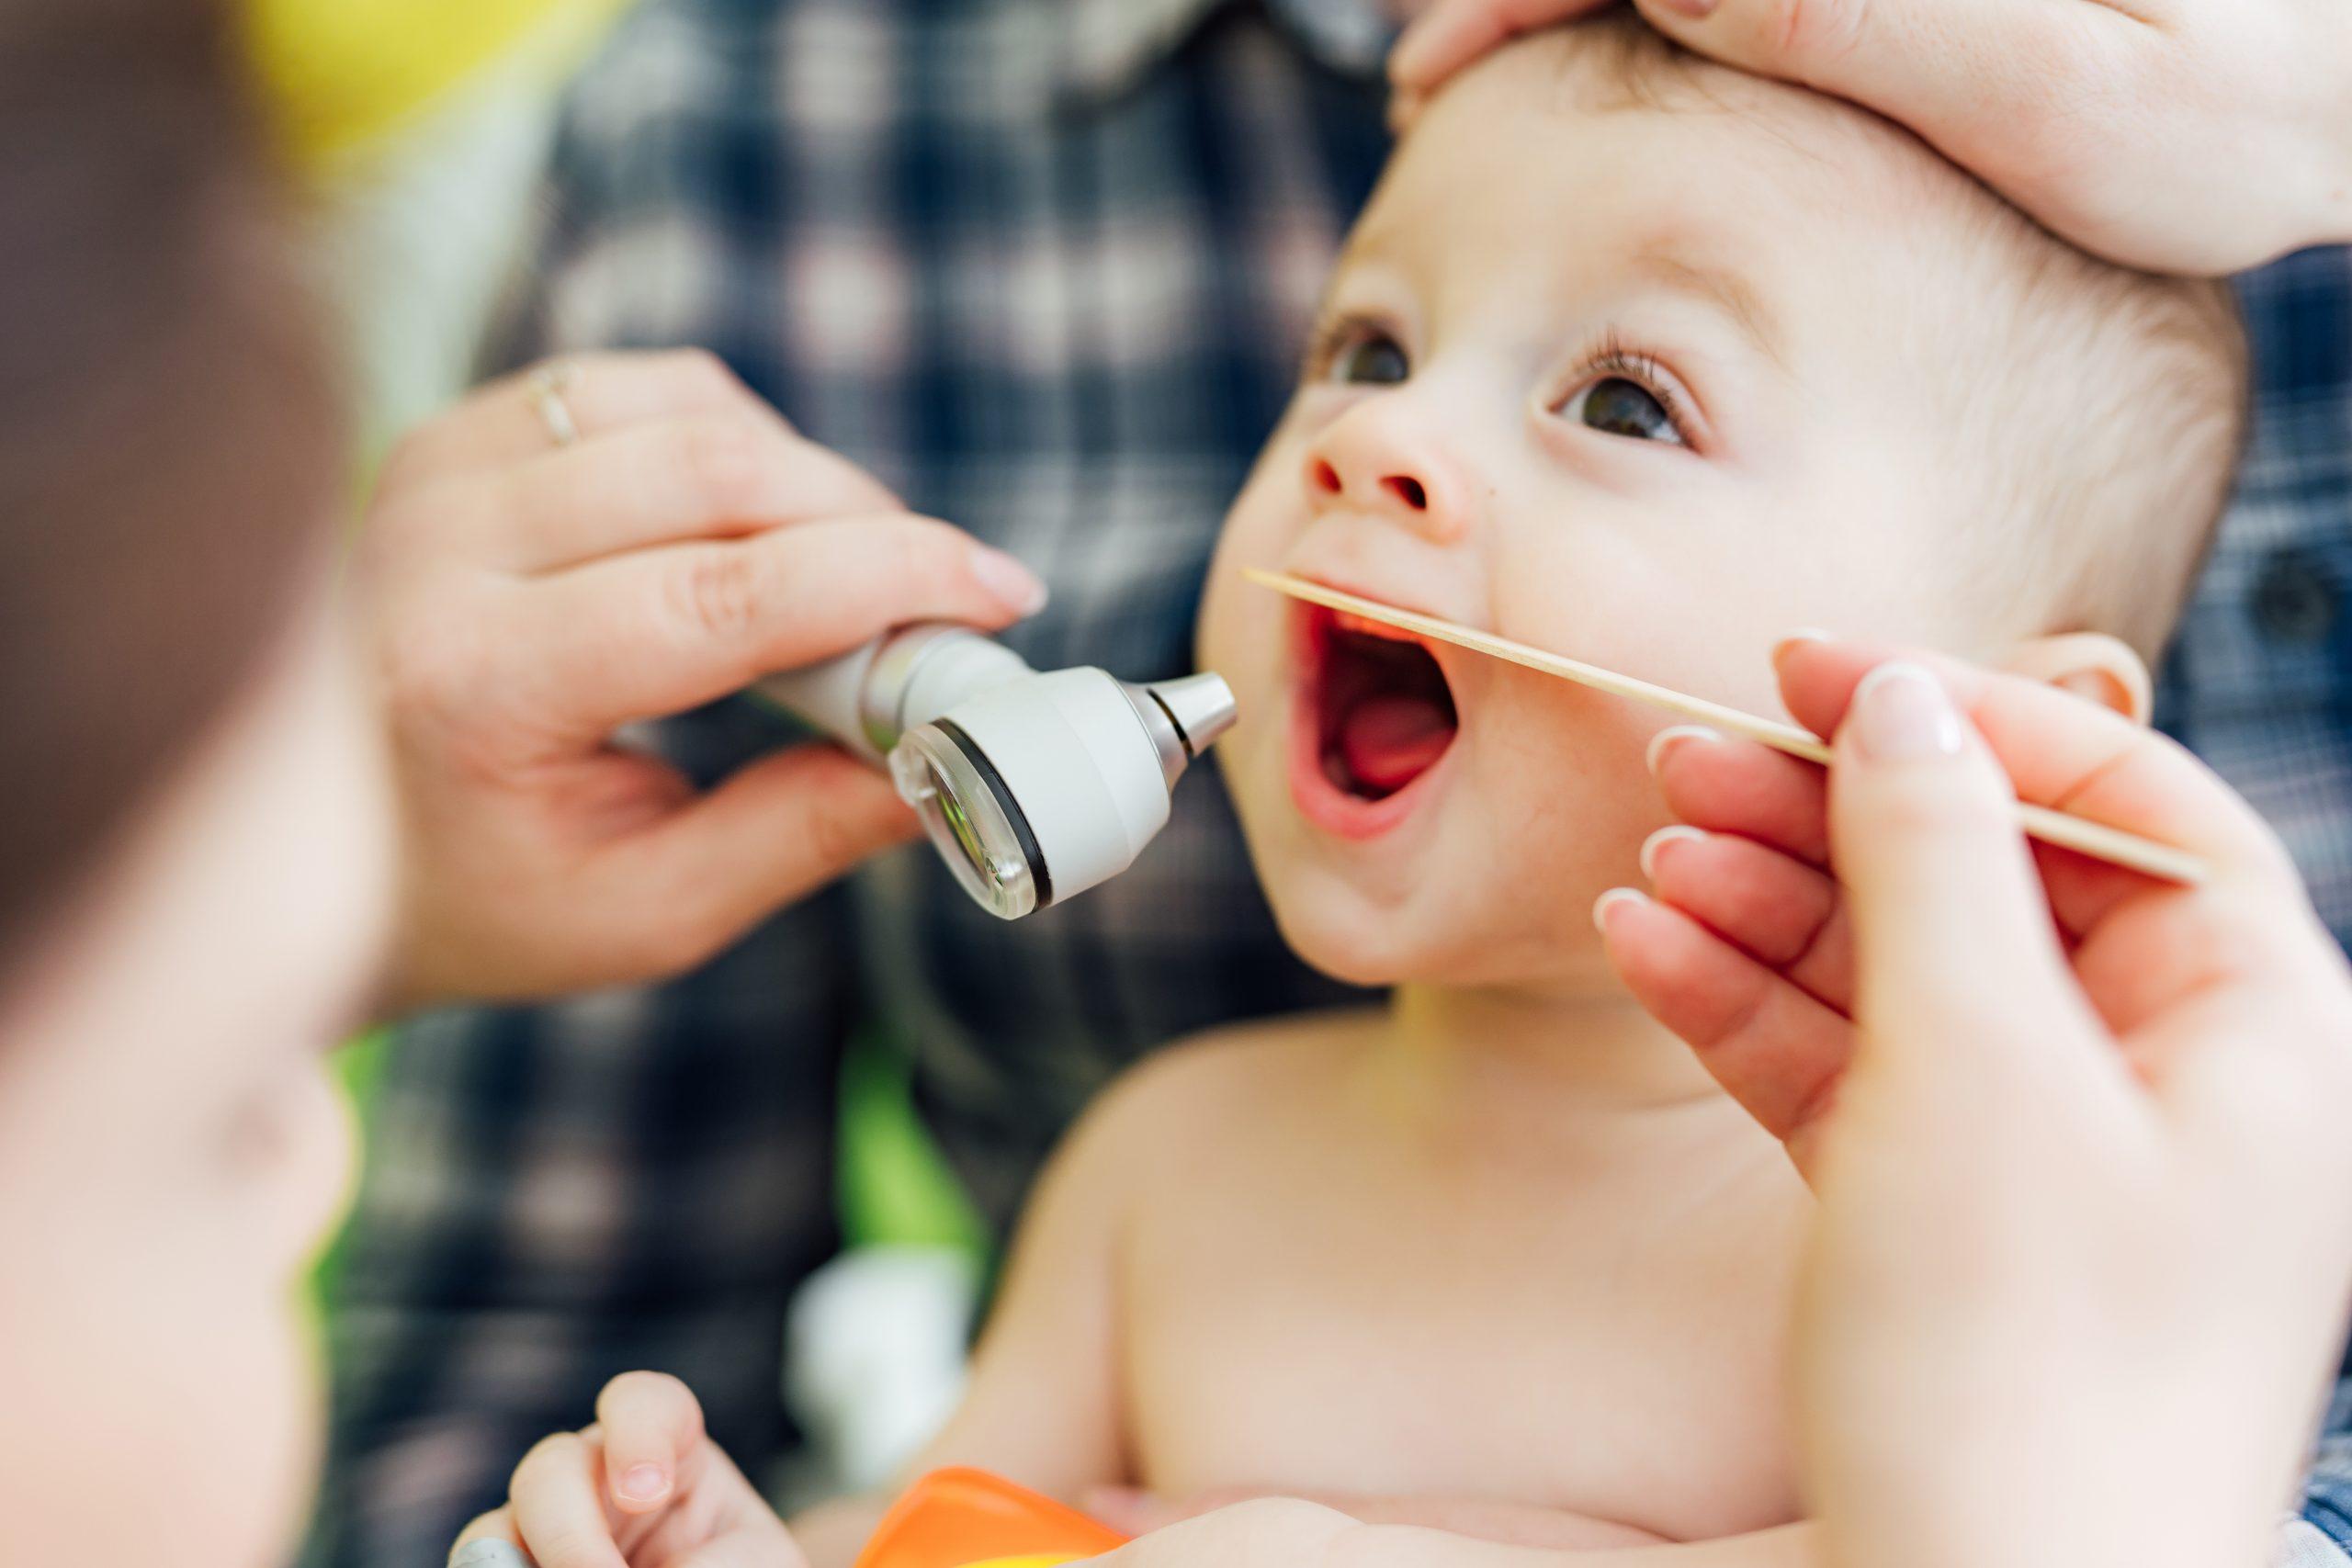 Pediatrička vyšetřuje dítě a kontroluje mu hrdlo.